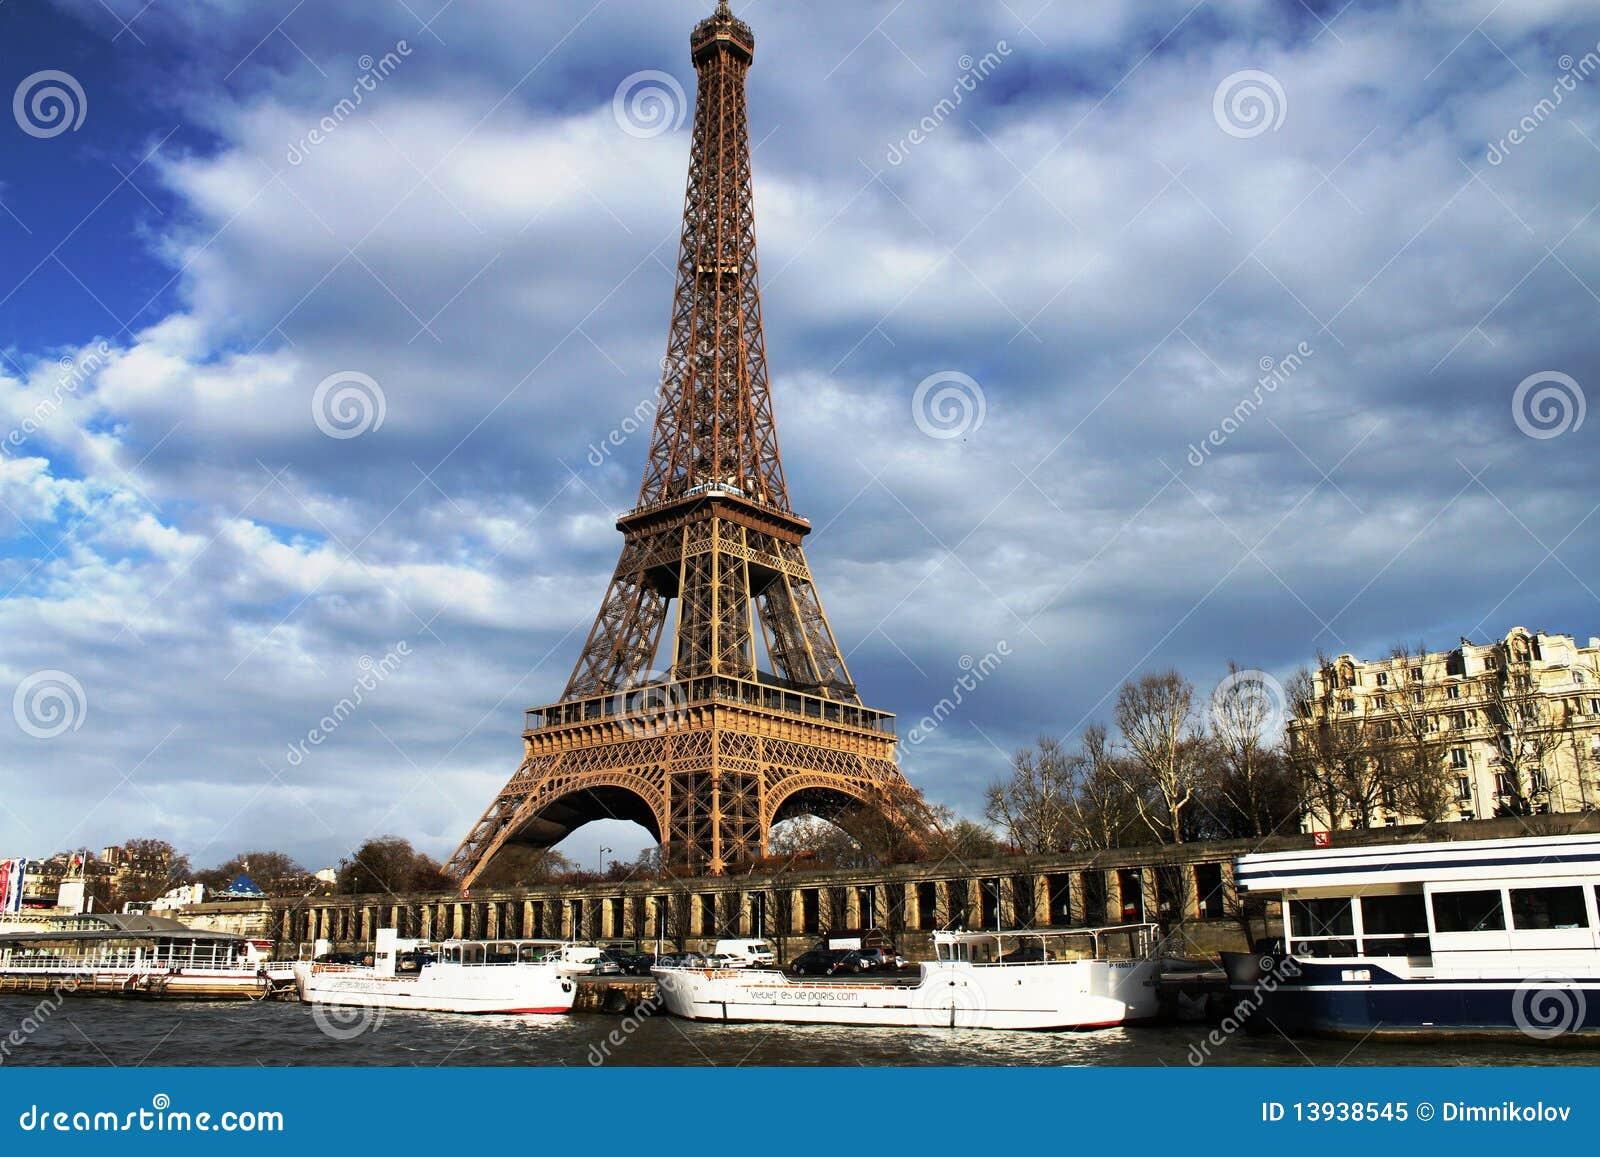 La Tour Eiffel (The Eiffel Tower) Royalty Free Stock Photo - Image: 13938545